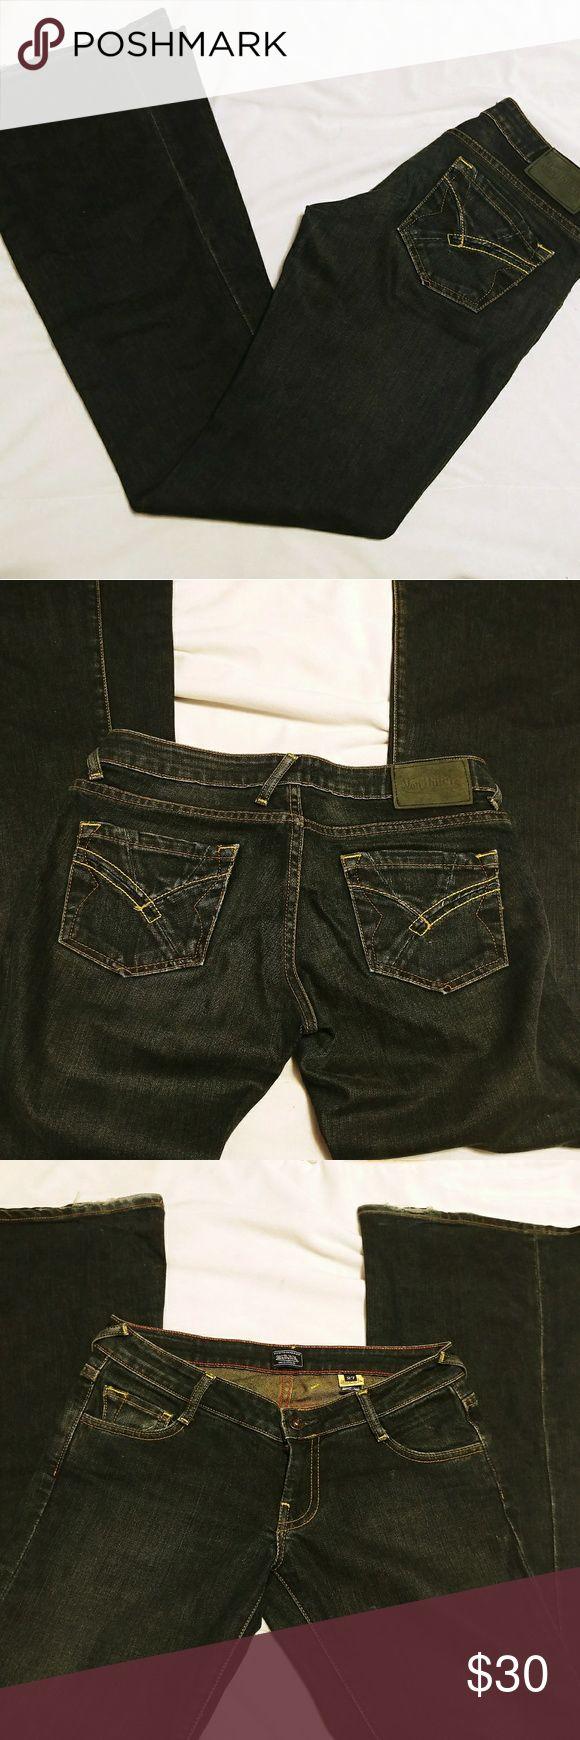 """Von Dutch Womens Jeans size 27 Dark Wash Low Rise Von Dutch Womens Jeans size 27 Dark Wash Low Rise Wide Flare 35"""" Inseam Tall   Inseam: 35"""" inch    Waist: 16"""" inch across   Hips: 18"""" inch across   Leg Opening:11"""" inch across   121217   Wash: Rusty Gears Von Dutch Jeans Flare & Wide Leg"""